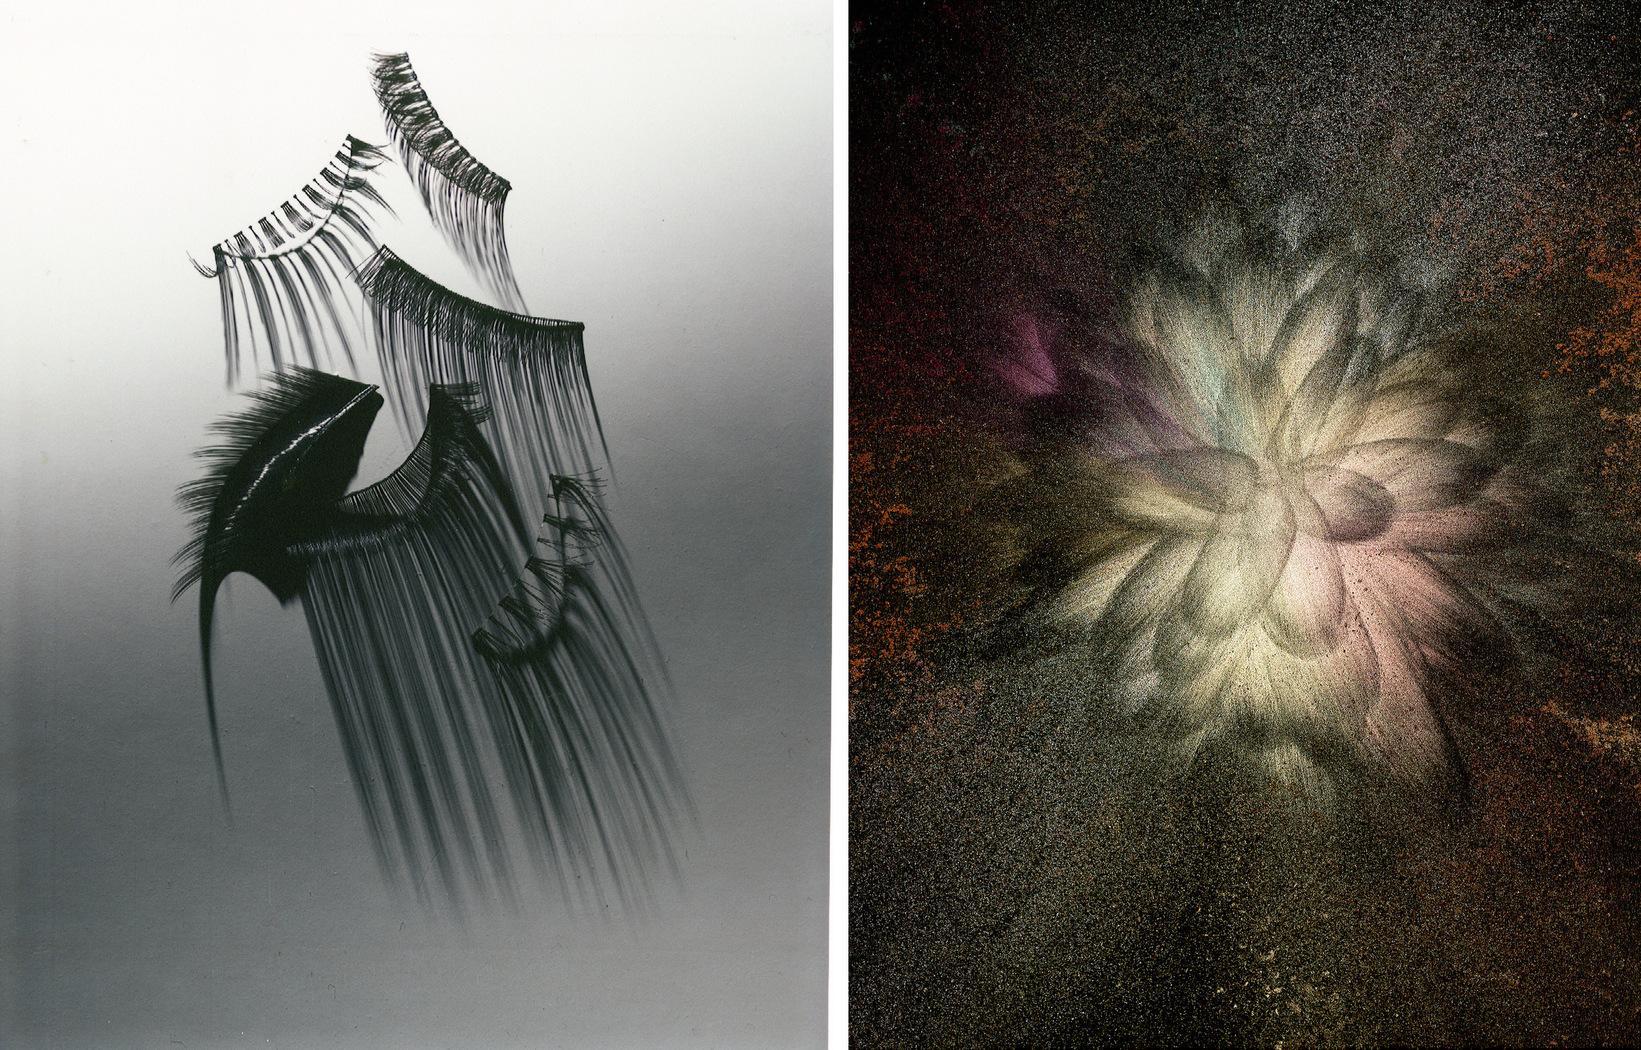 Apostrophe - Photographes - Mitchell Feinberg - Publicité 2